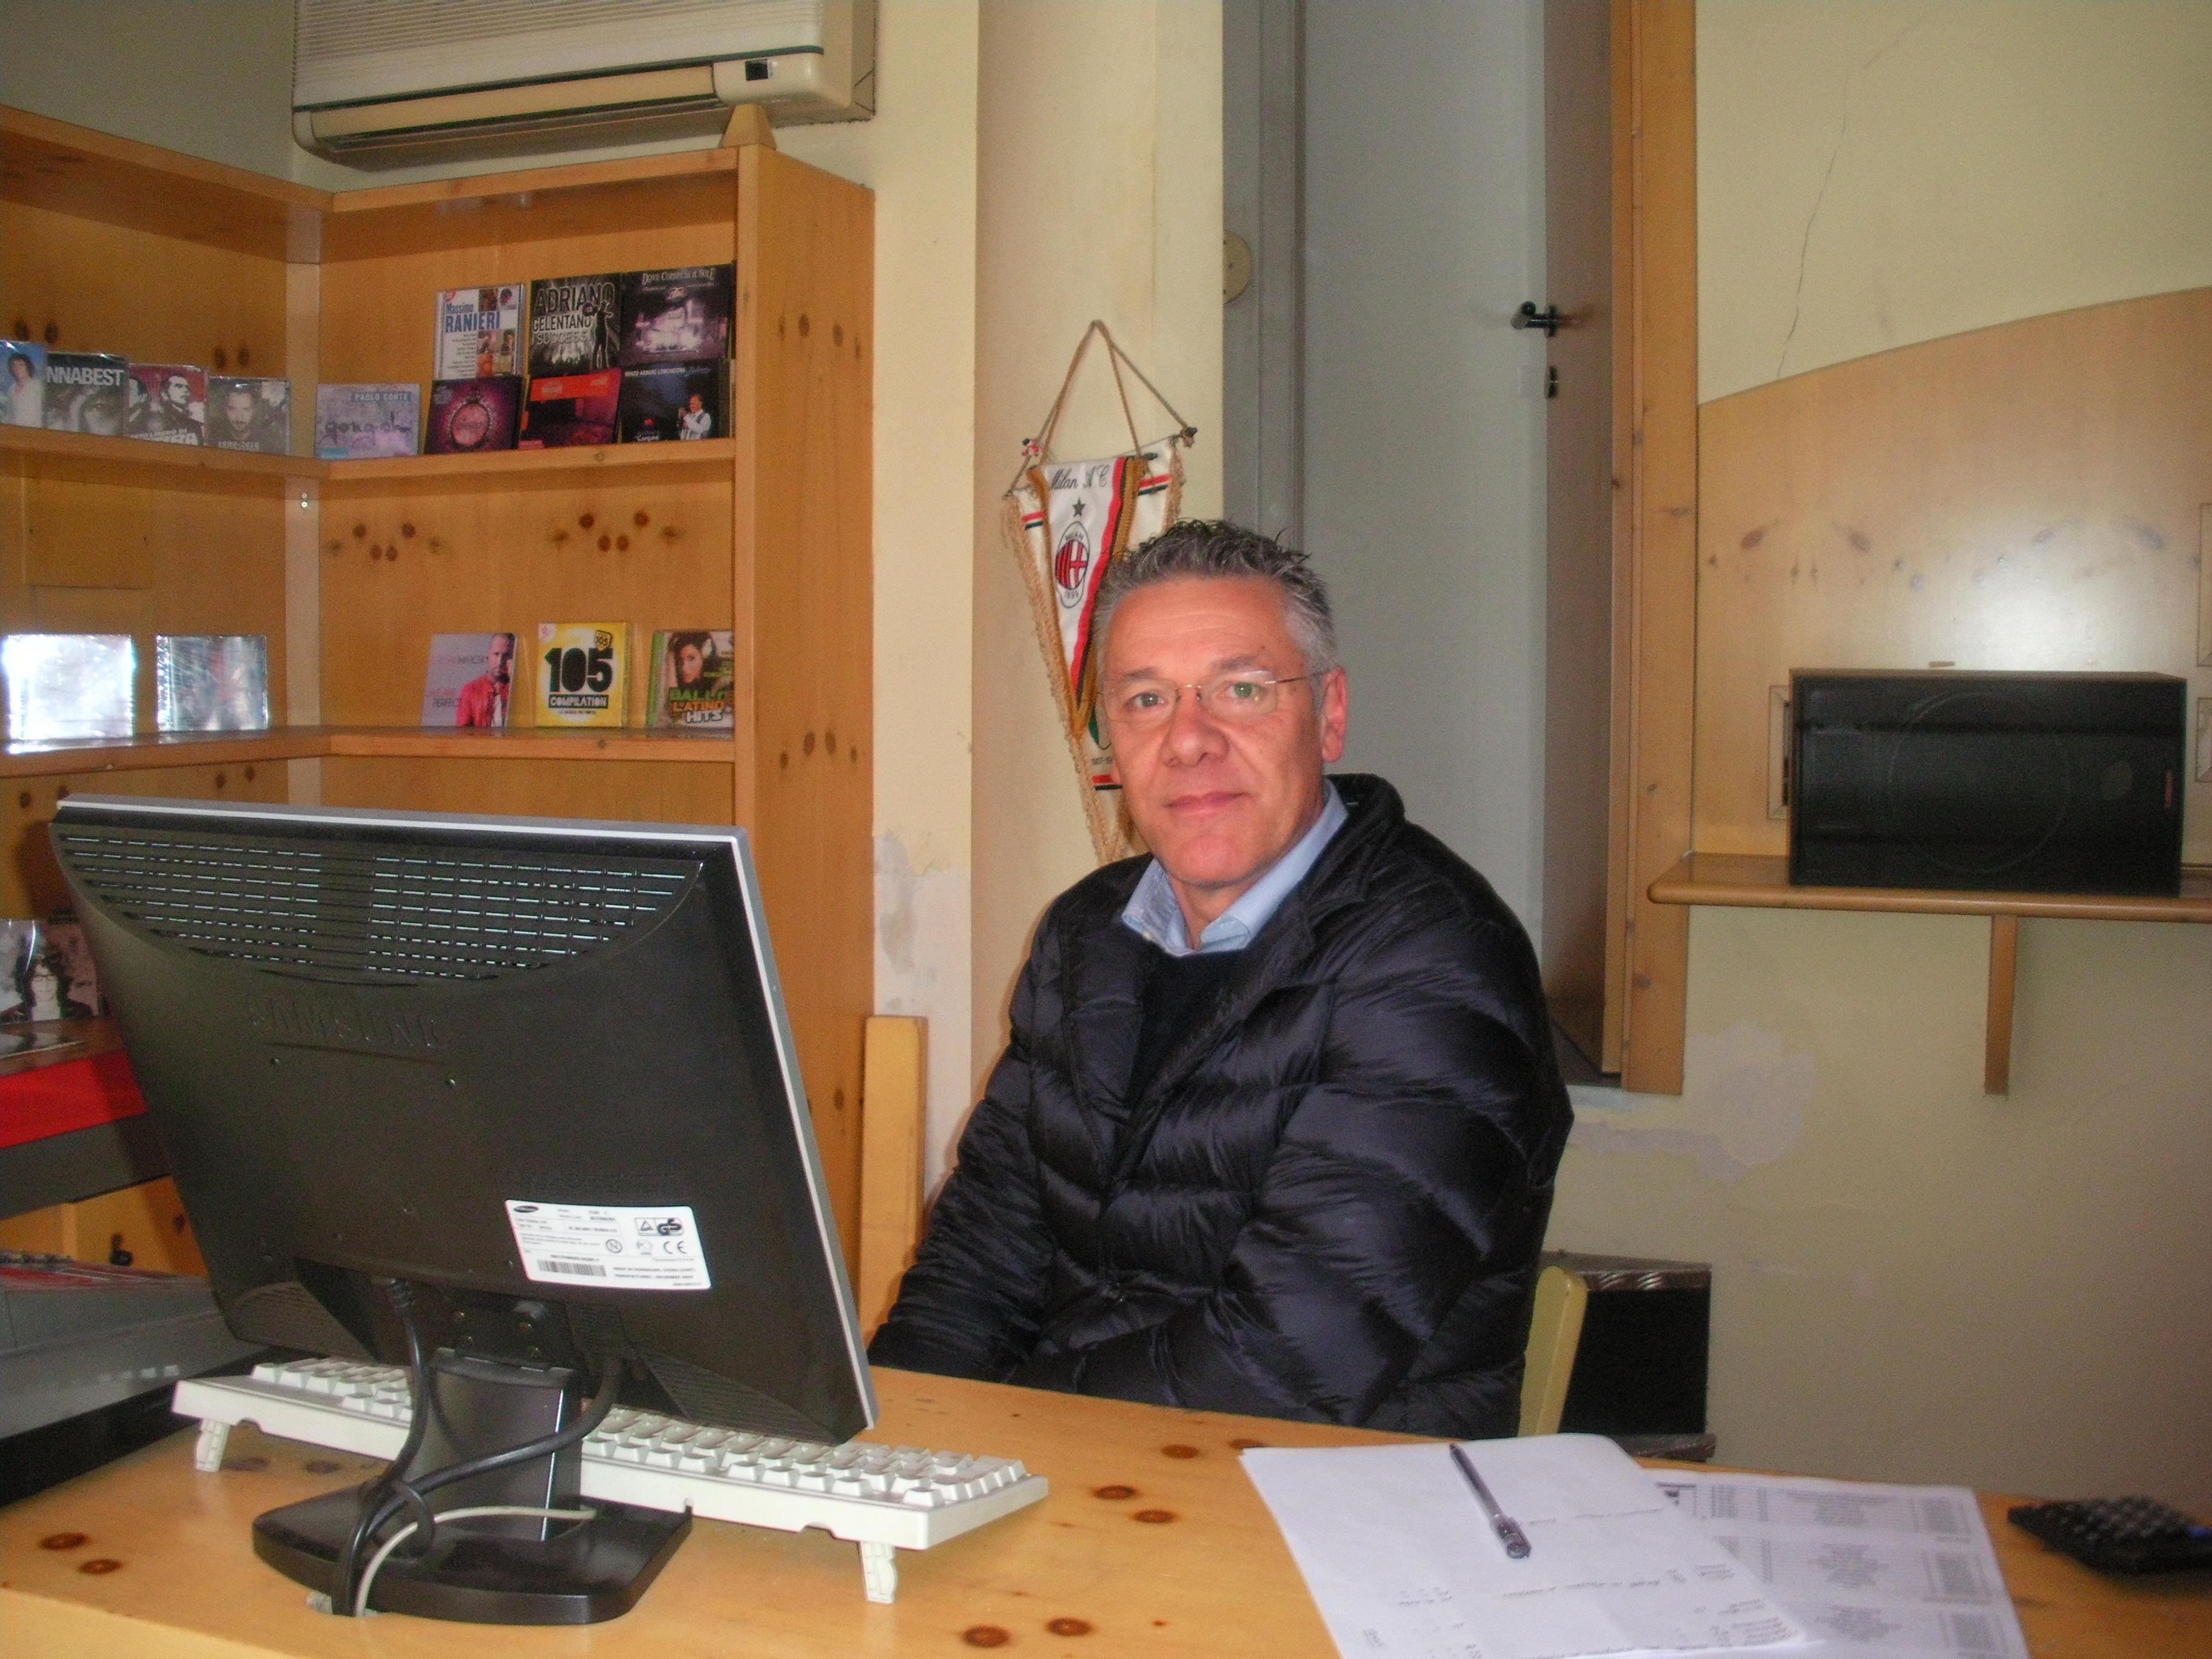 Il titolare Mauro Petrini all'interno del negozio